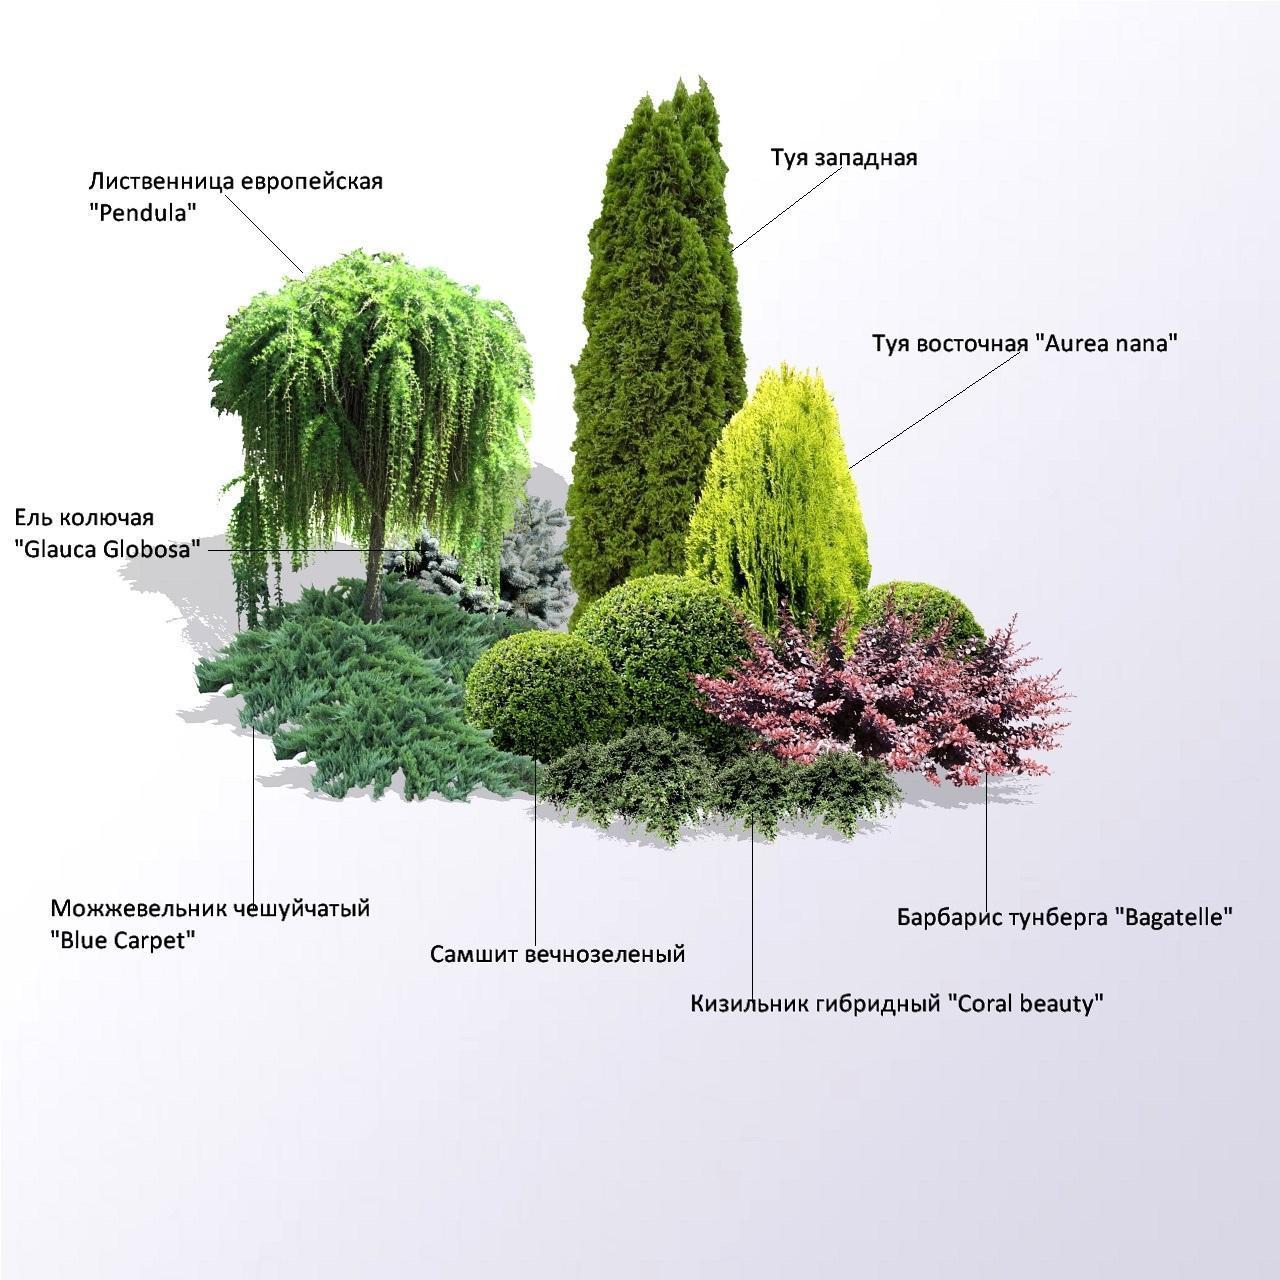 Композиция из деревьев и кустарников - в рассаде